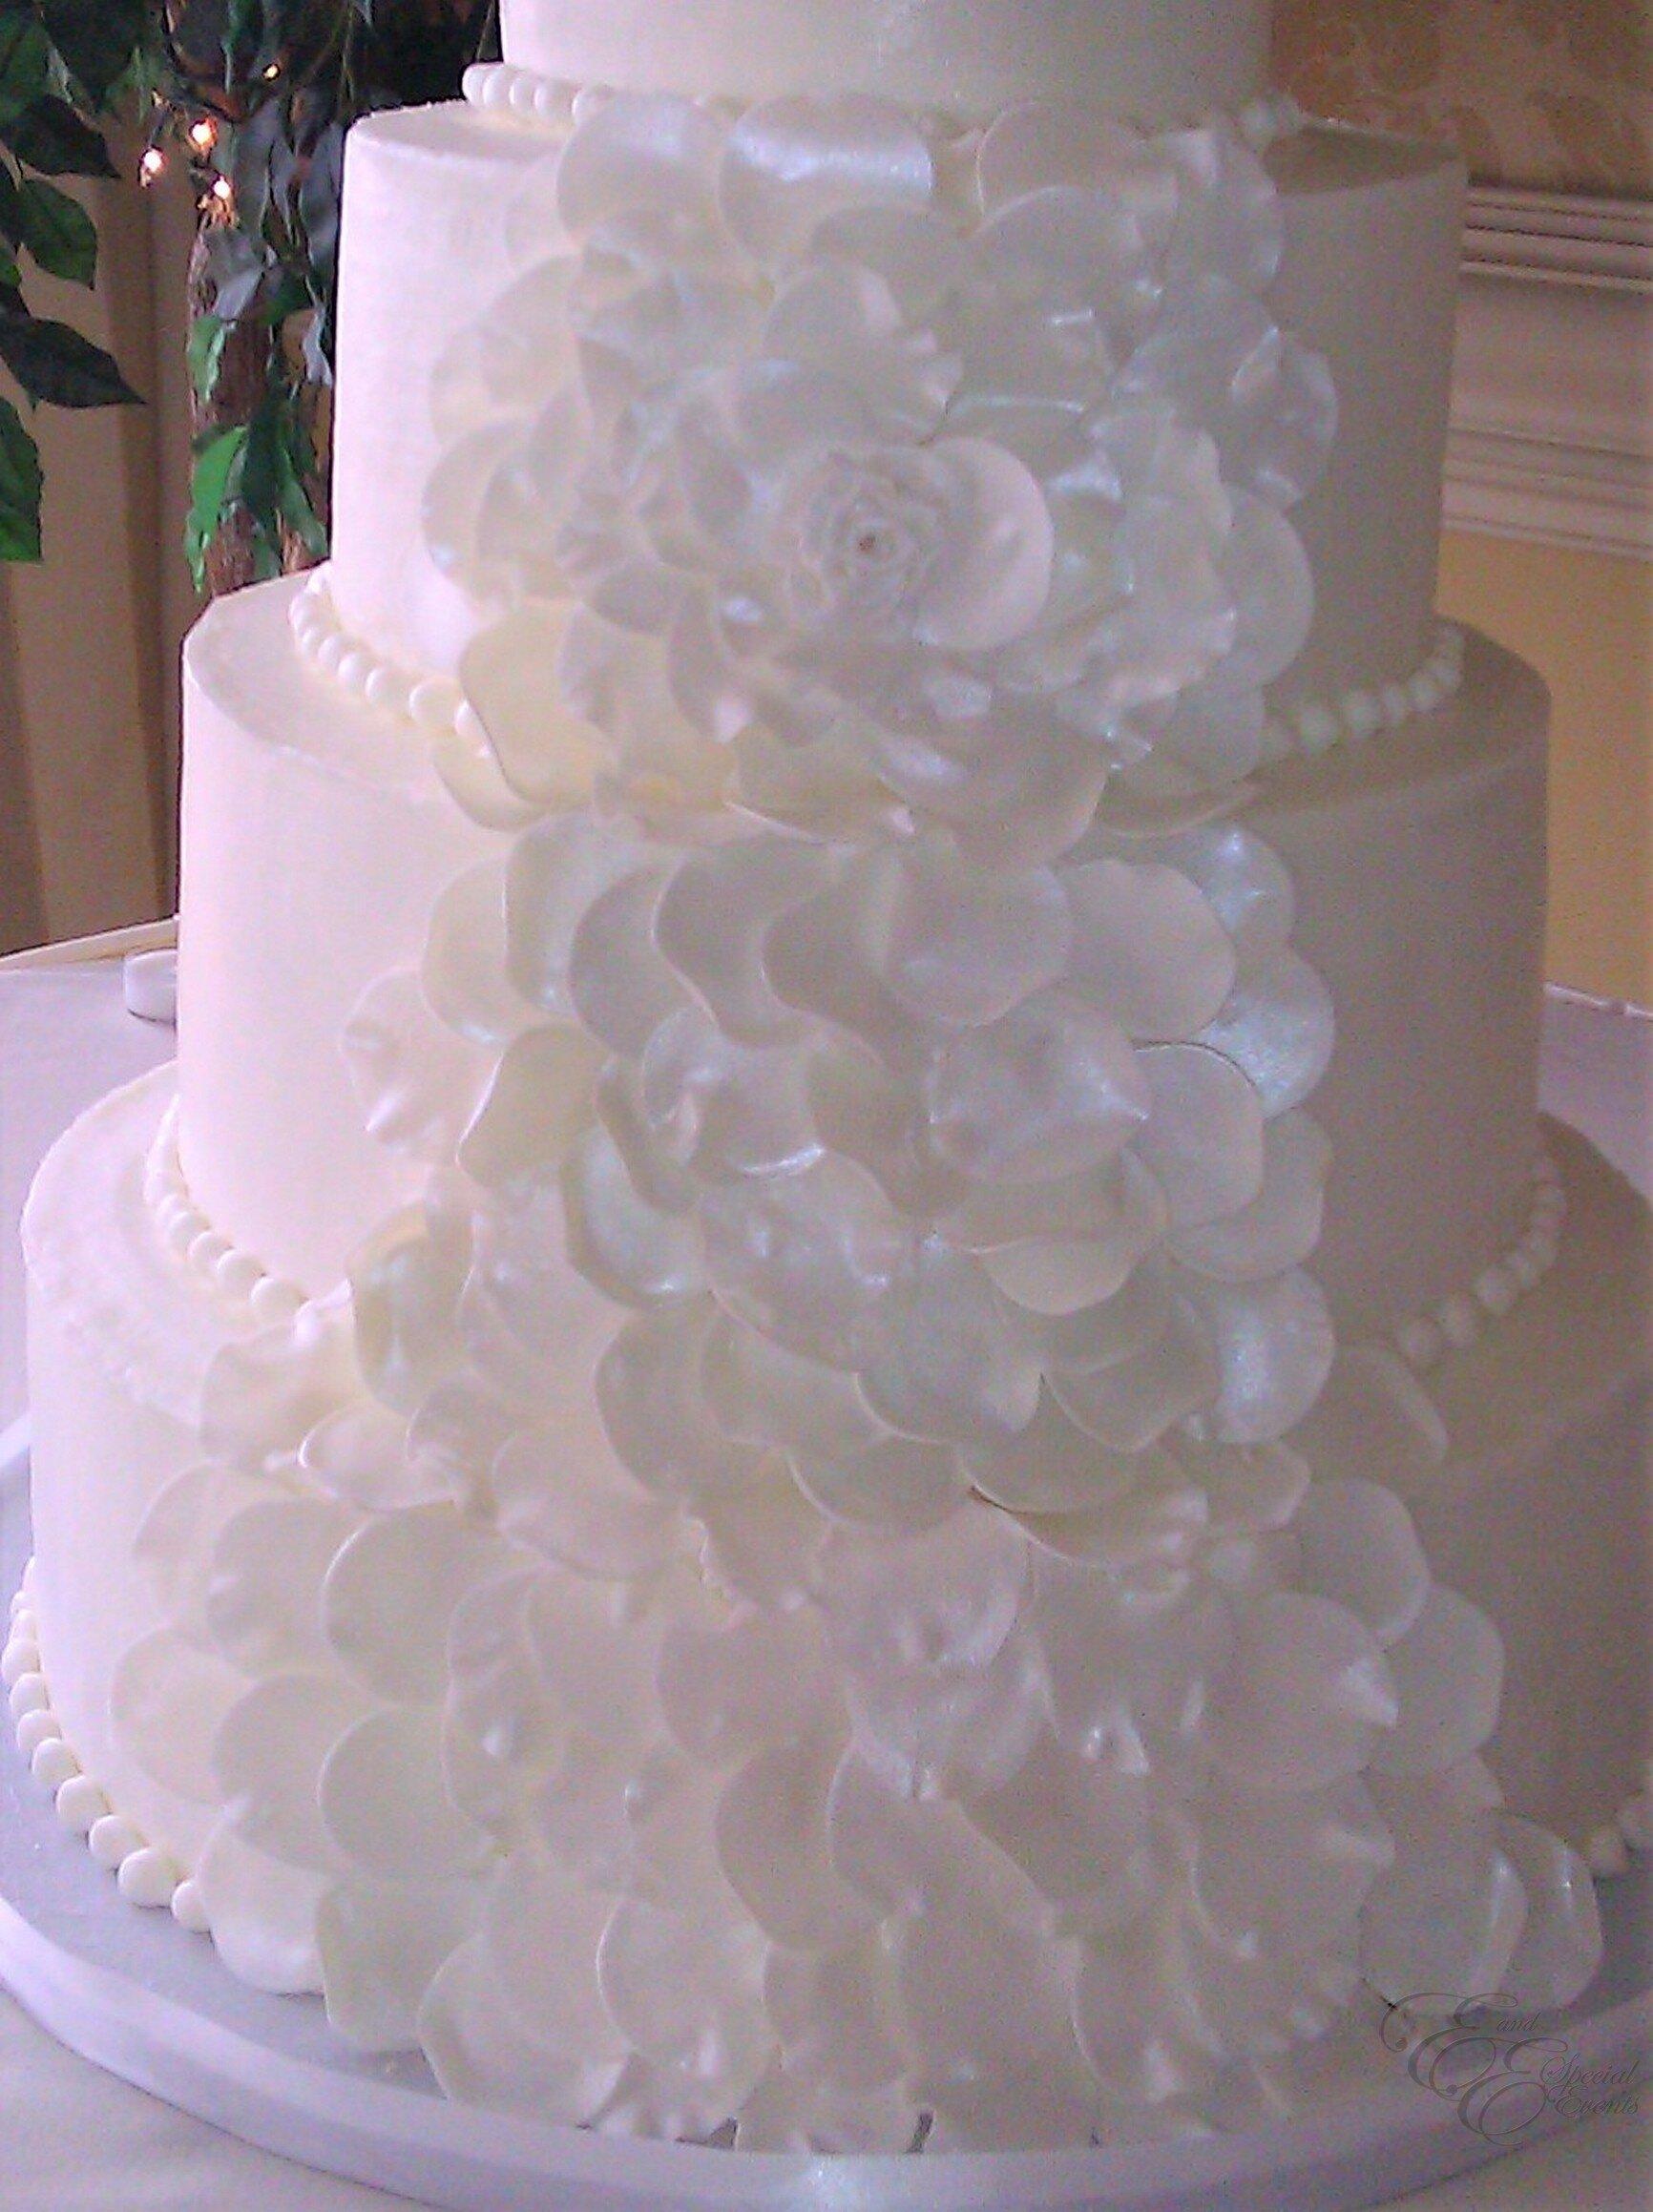 E_E_Special_Events_Elegant_Wedding_Cakes_Virginia_Beach_Hampton_Roads2.jpg